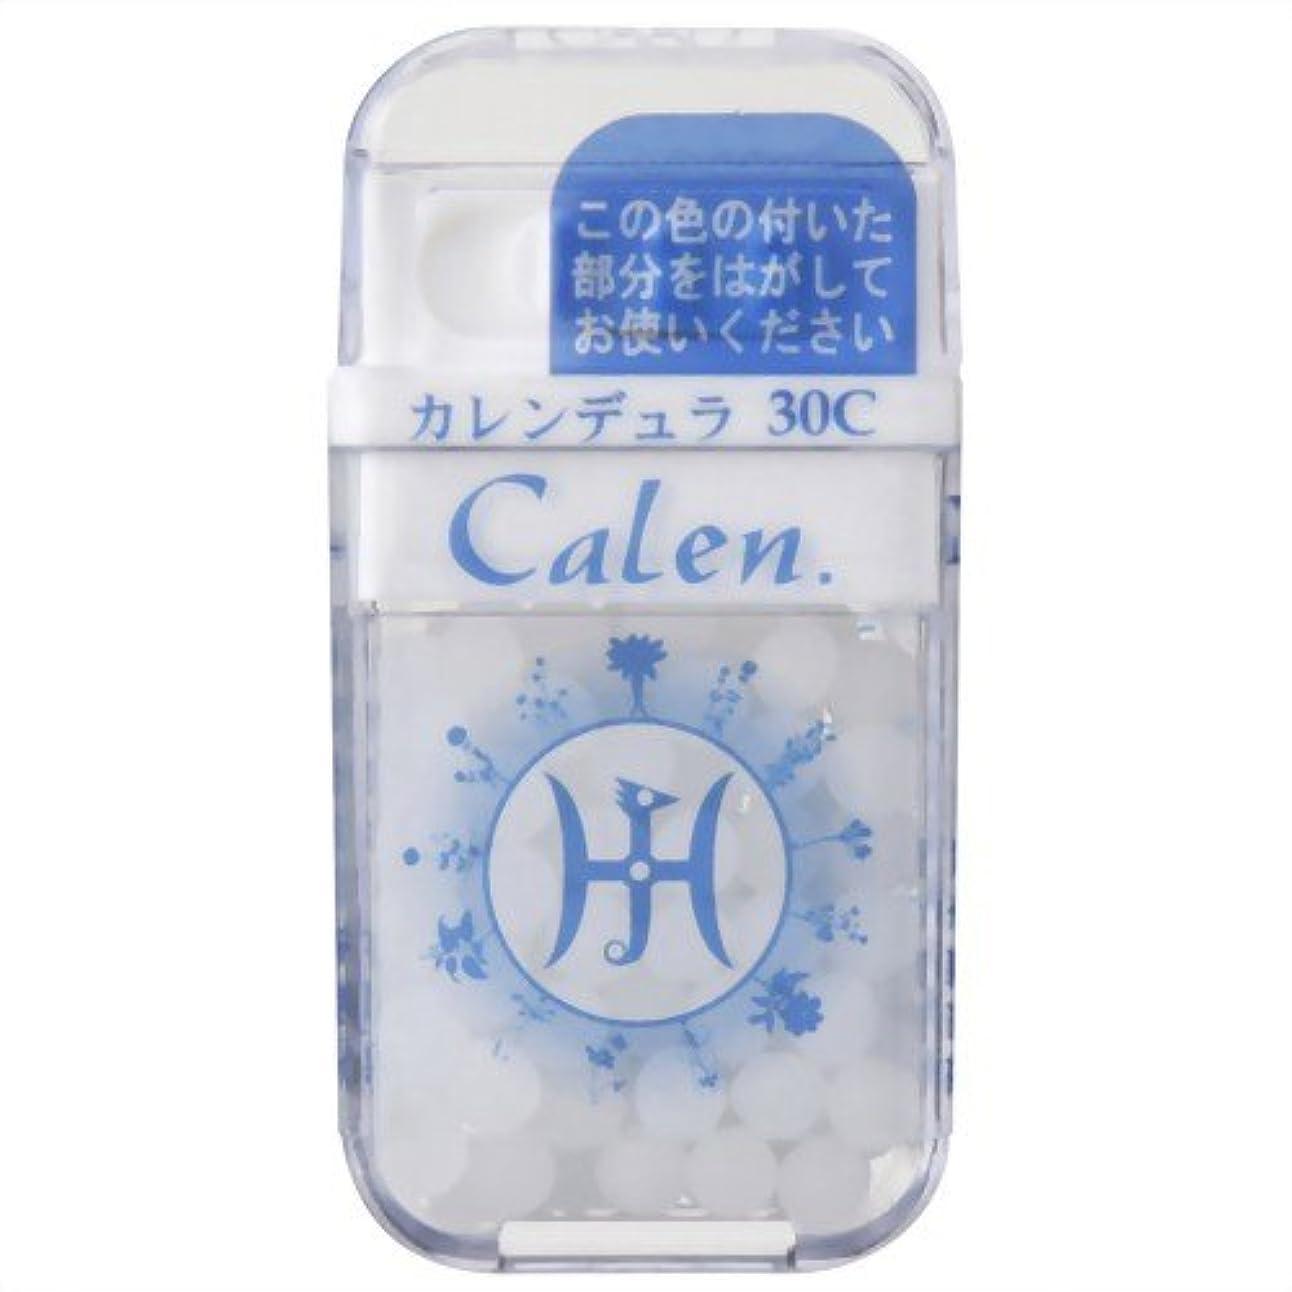 お世話になった注ぎますあいにくホメオパシージャパンレメディー Calen.  カレンデュラ 30C (大ビン)